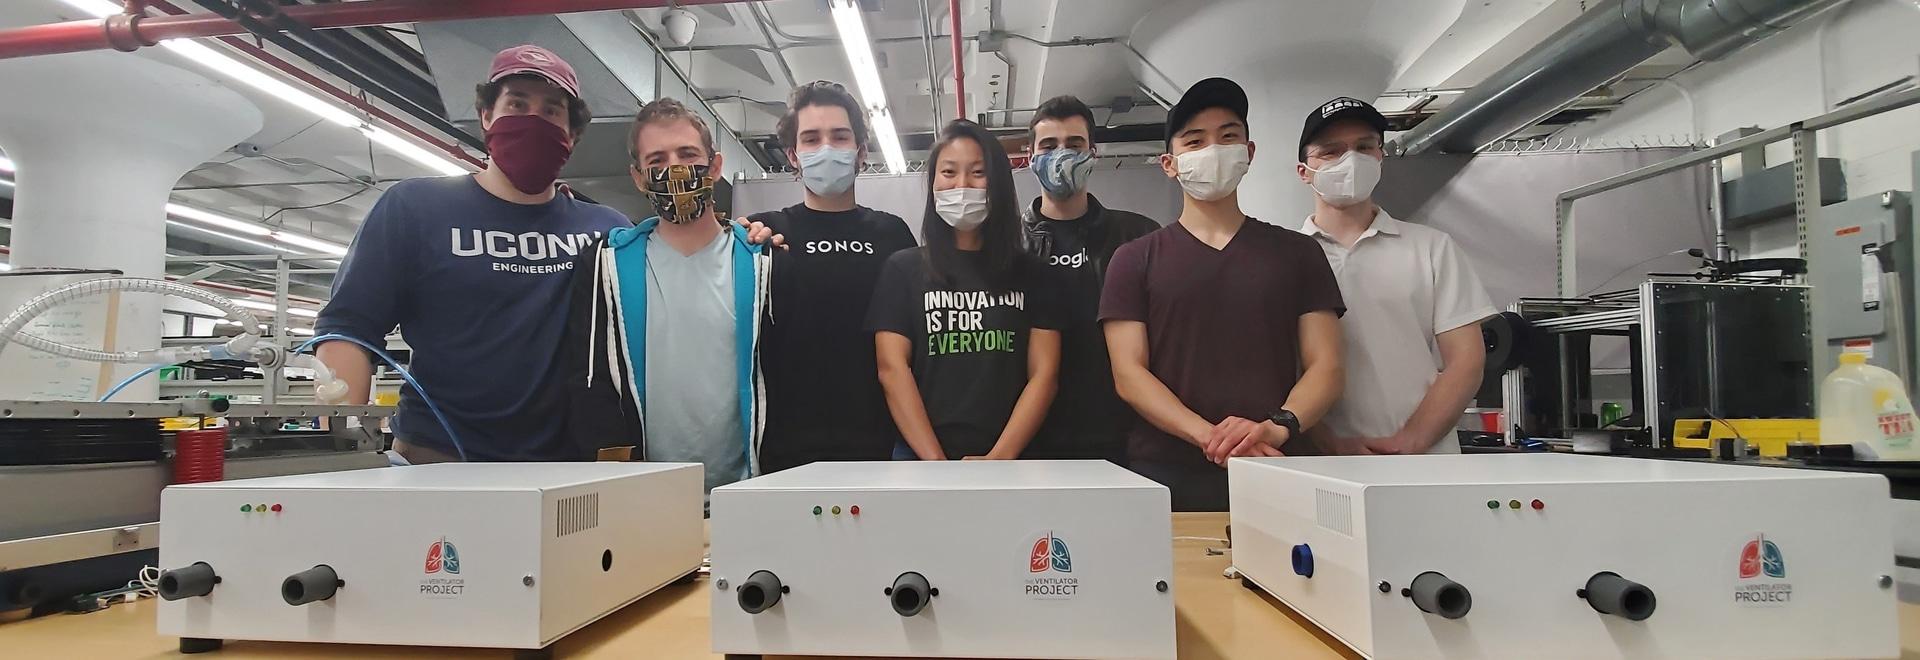 Voluntarios se unen para desarrollar un nuevo ventilador durante la pandemia COVID-19